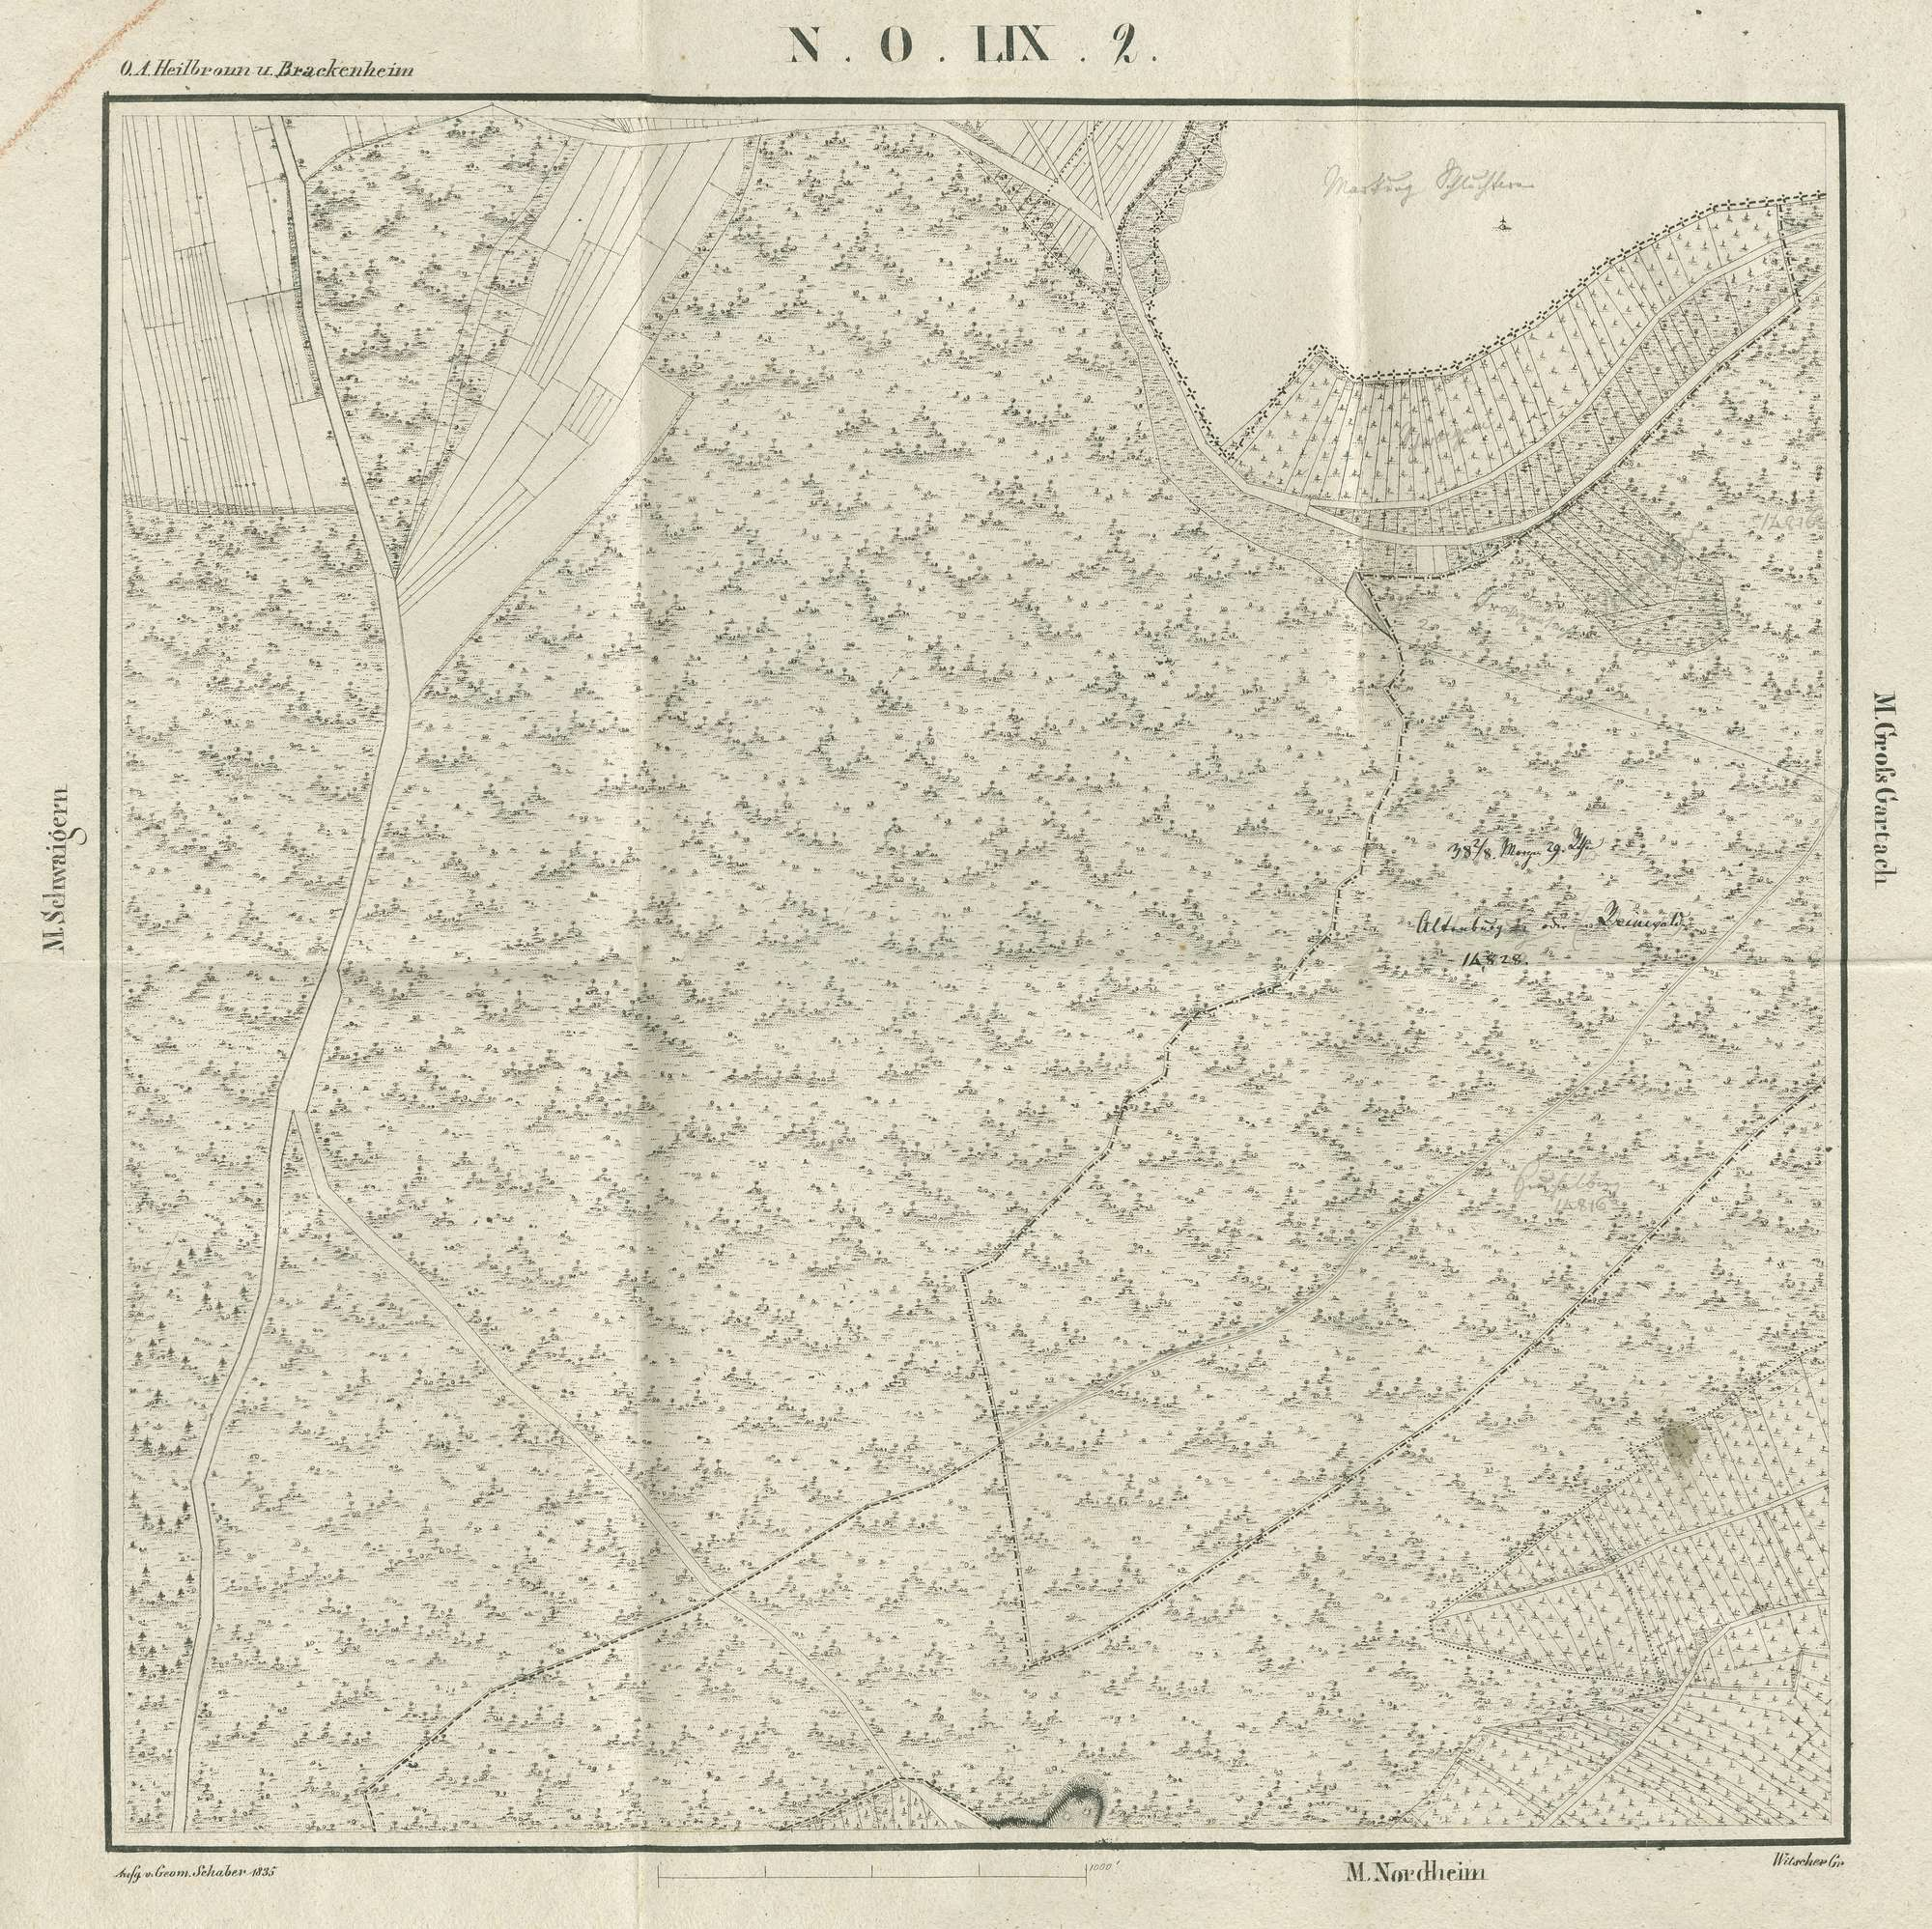 Streitigkeiten mit Baden um einzelne Grundstücke sowie deren Austausch, Grenzberichtigungen, Bild 3